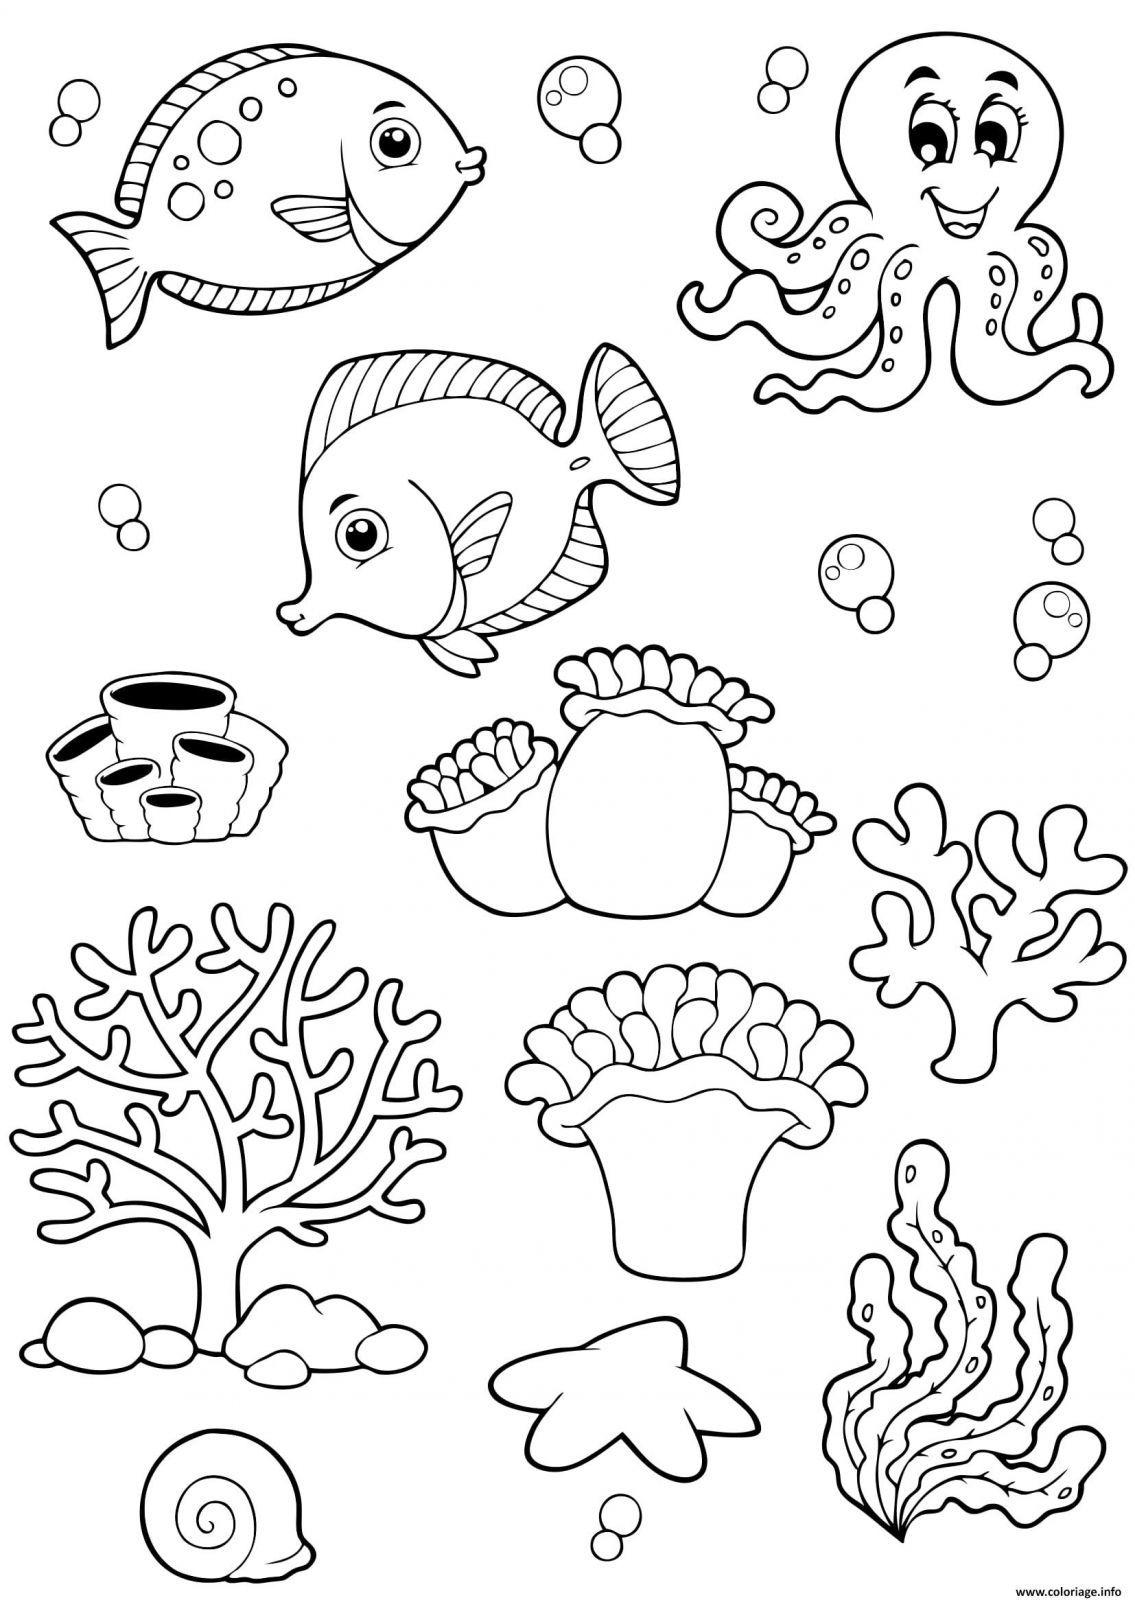 Coloriage Animaux De La Mer A Imprimer Coloriage Animaux Coloriage Poisson Coloriage Mer